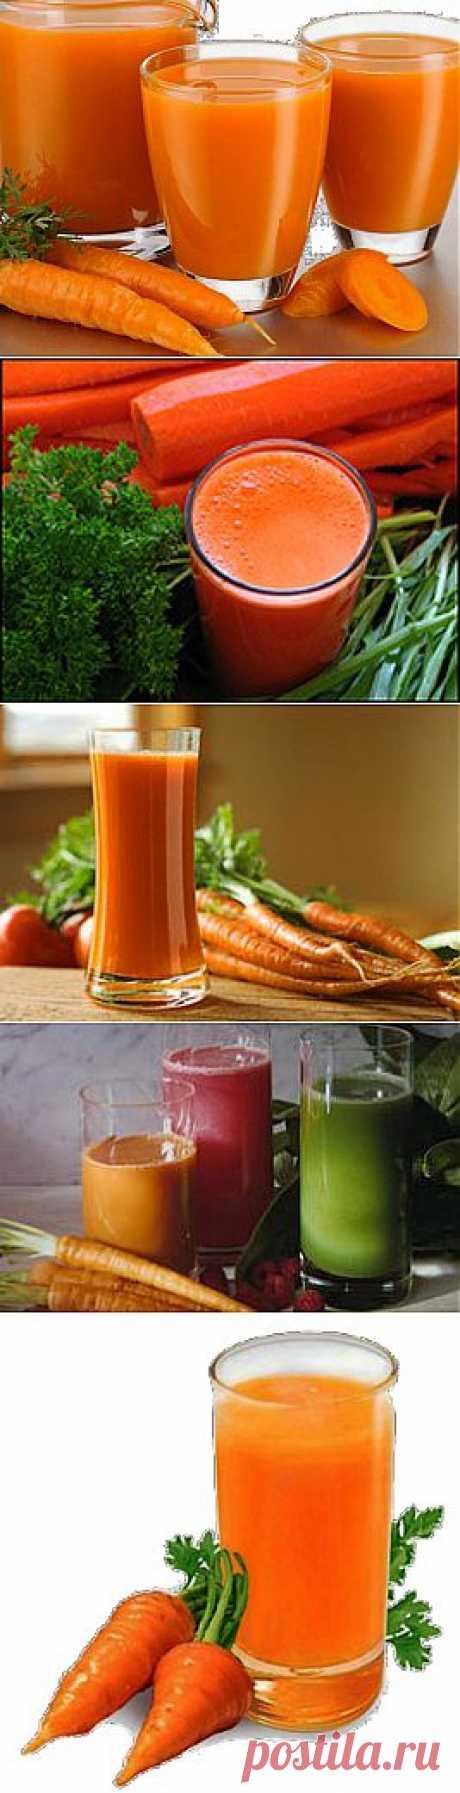 О пользе морковного сока | ЗДОРОВЫЙ ОБРАЗ